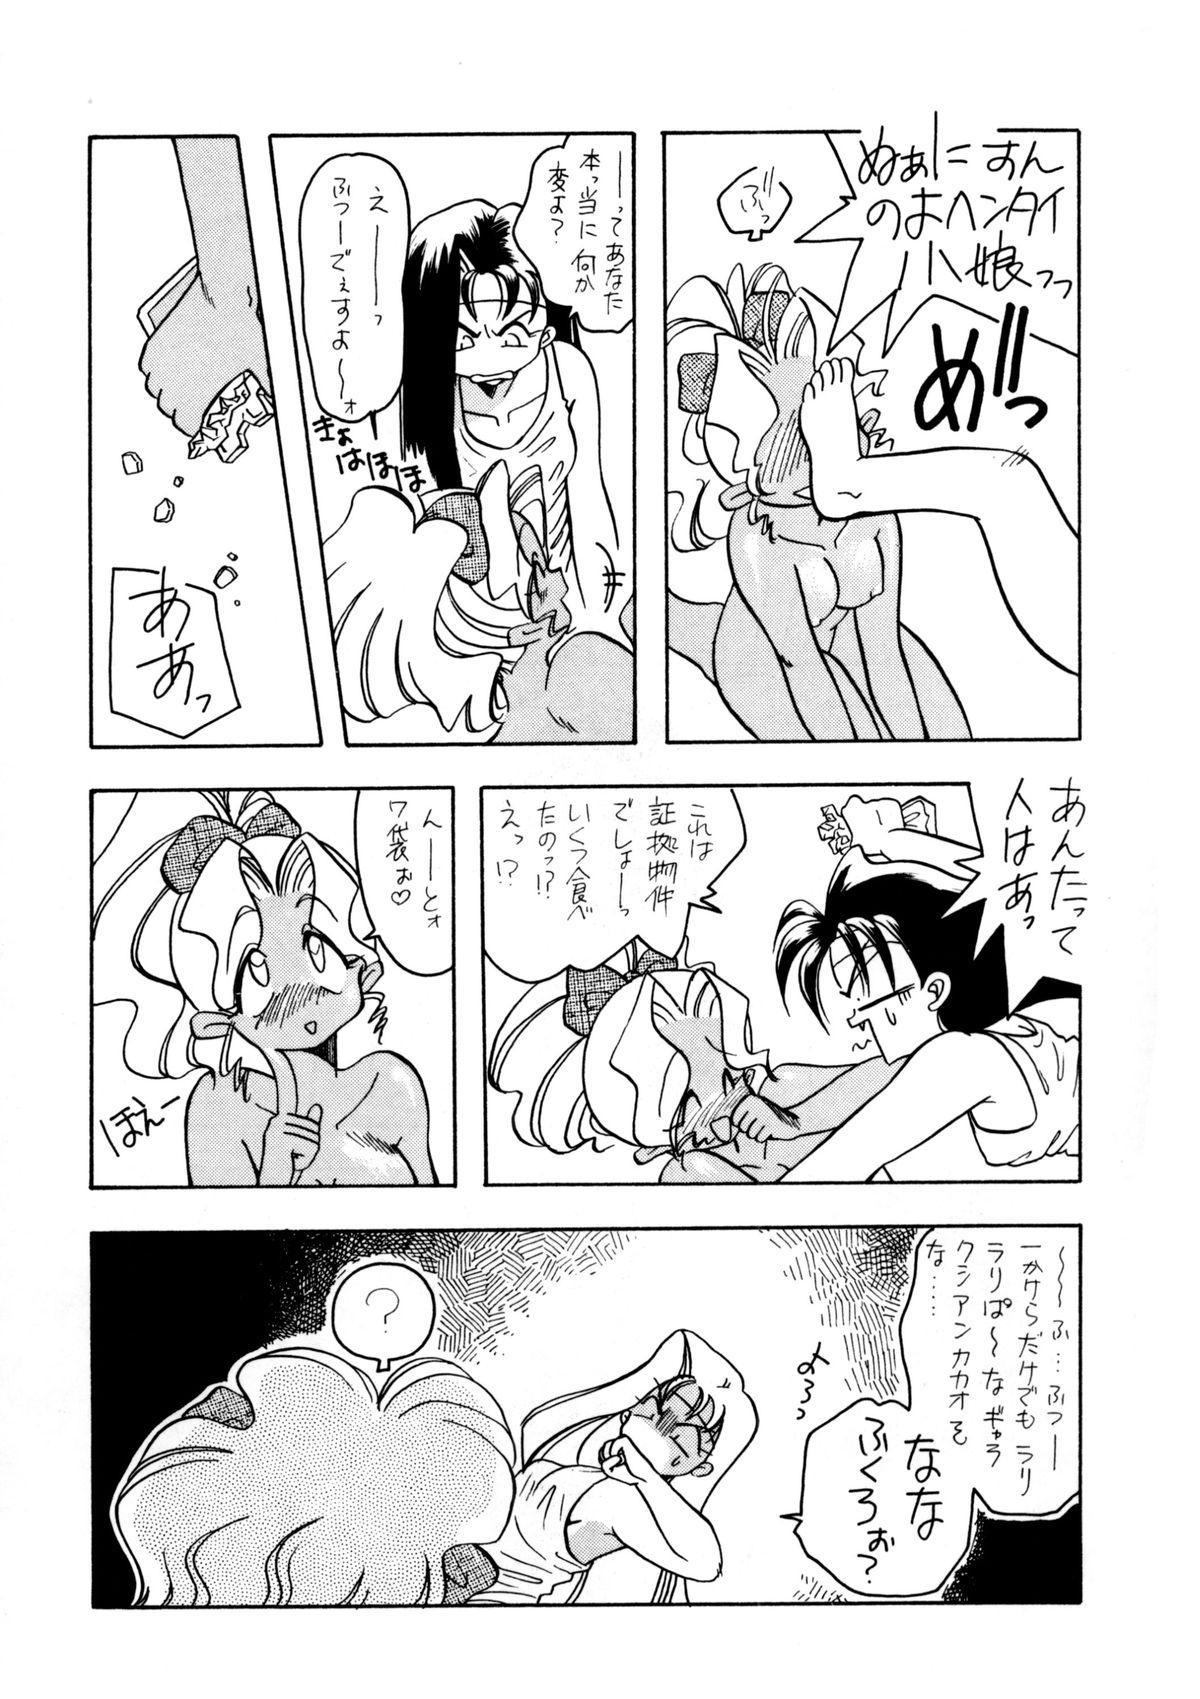 Tabeta Kigasuru 8 11